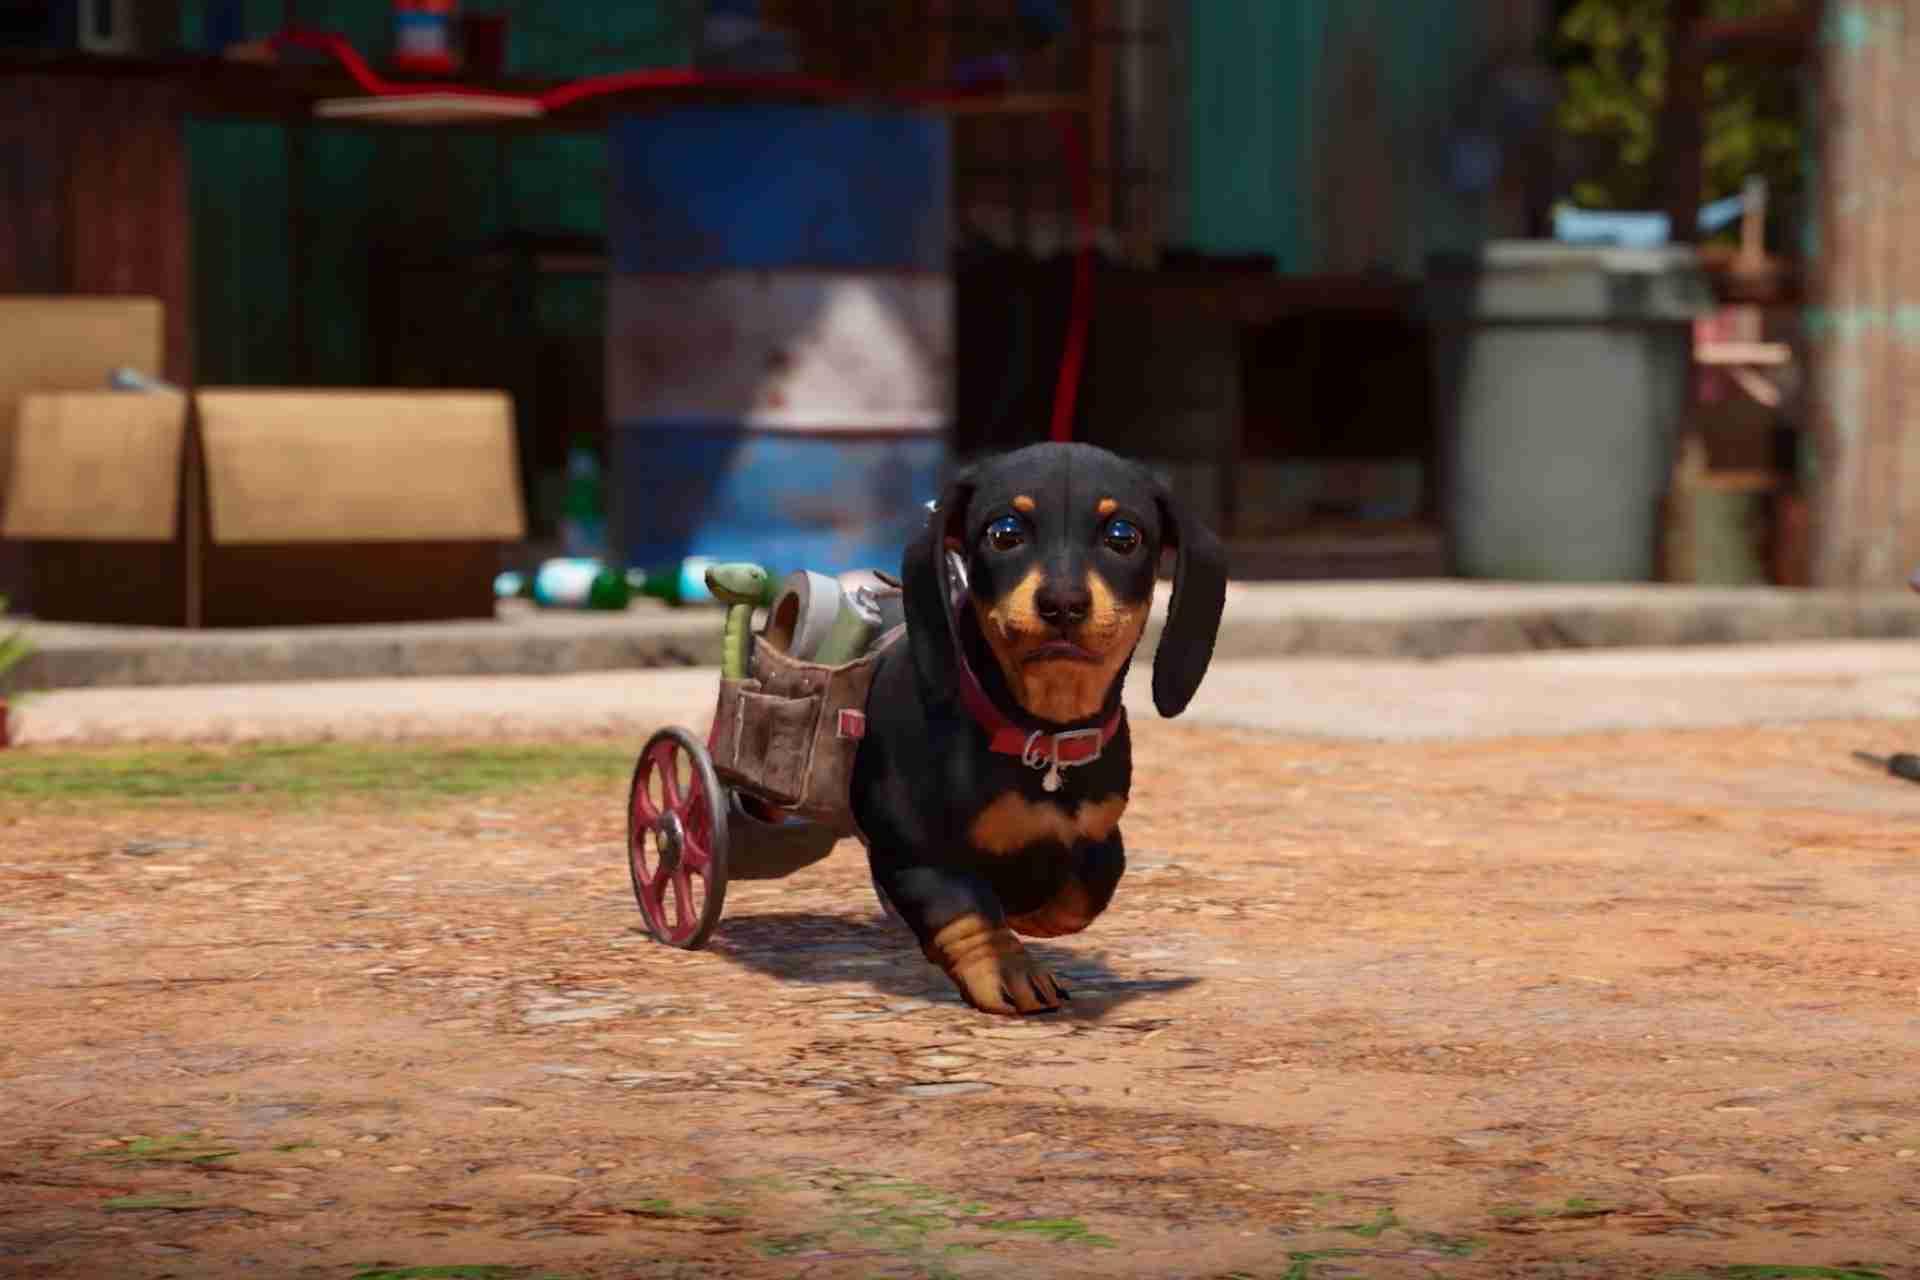 Cute Weiner Dog Amigo-Chorizo-Far Cry 6